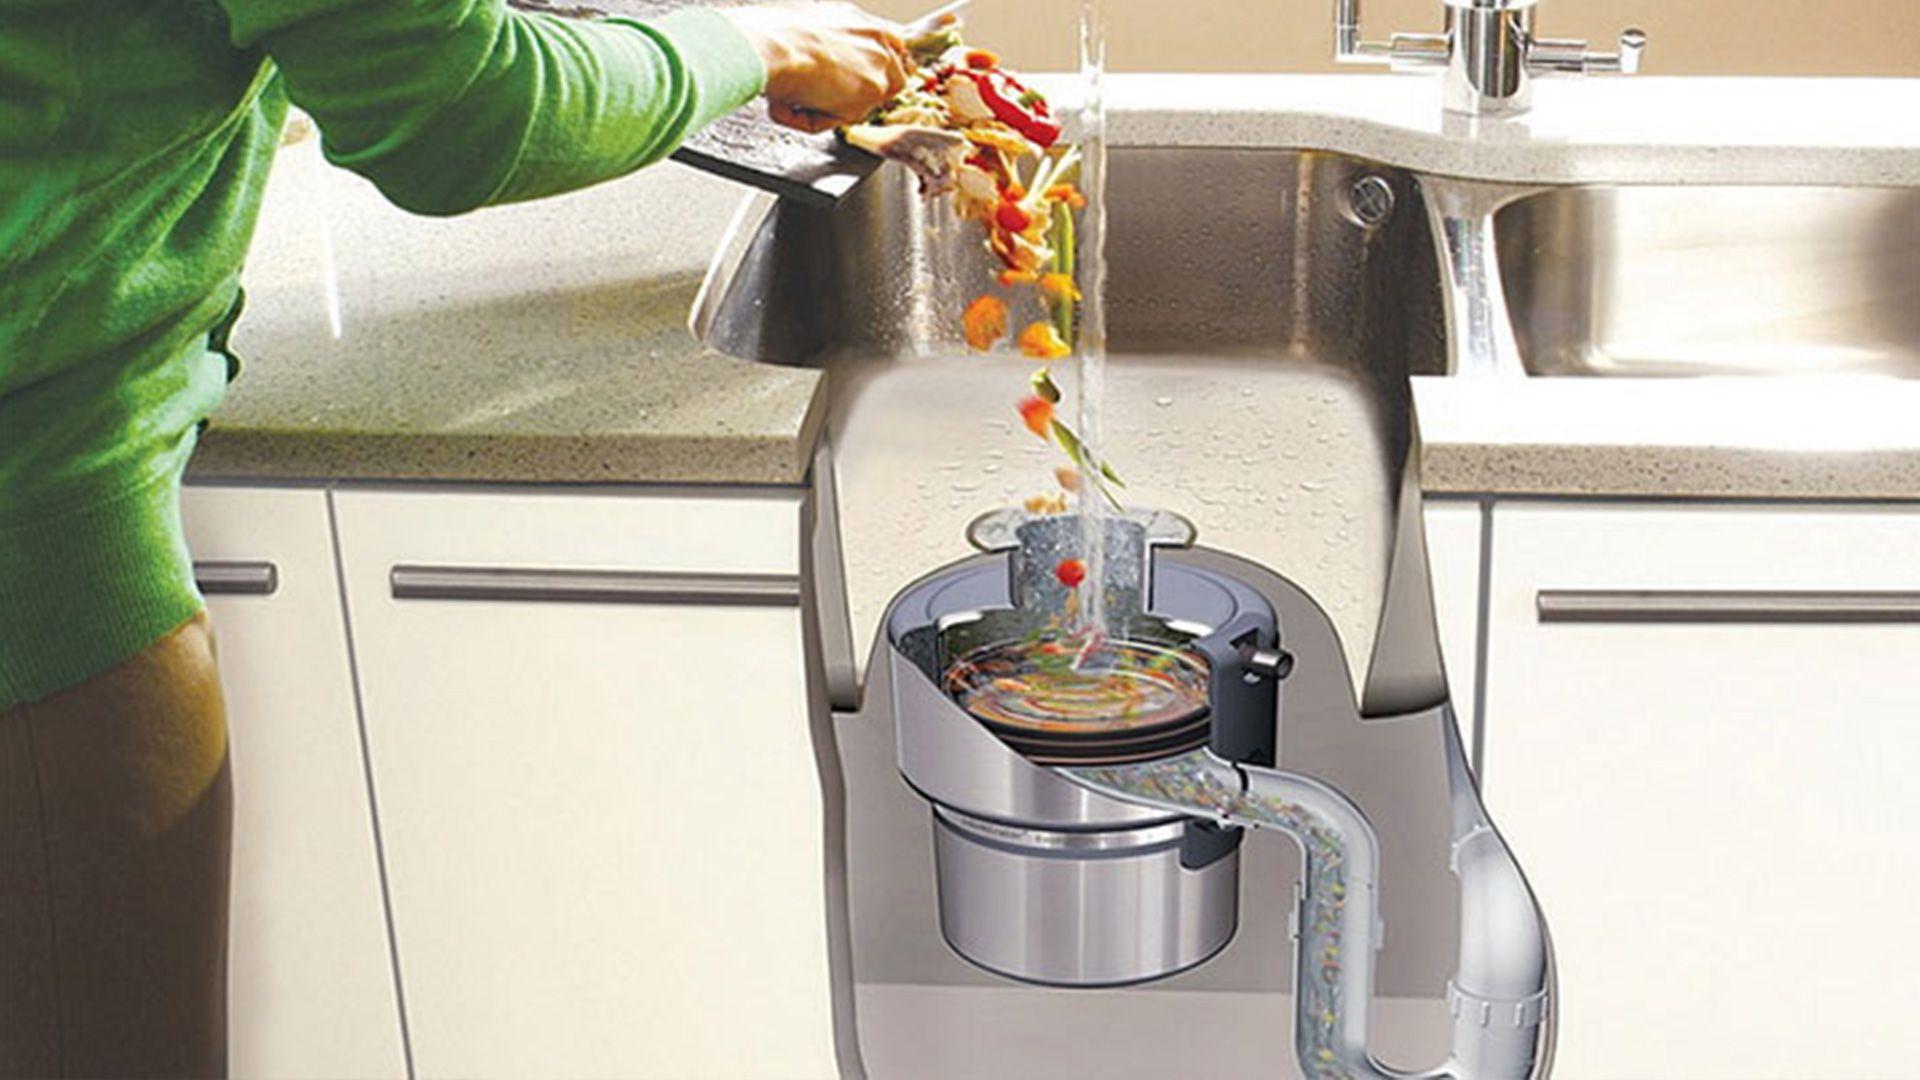 Garbage Disposal Life Hacks By Plumbing Experts